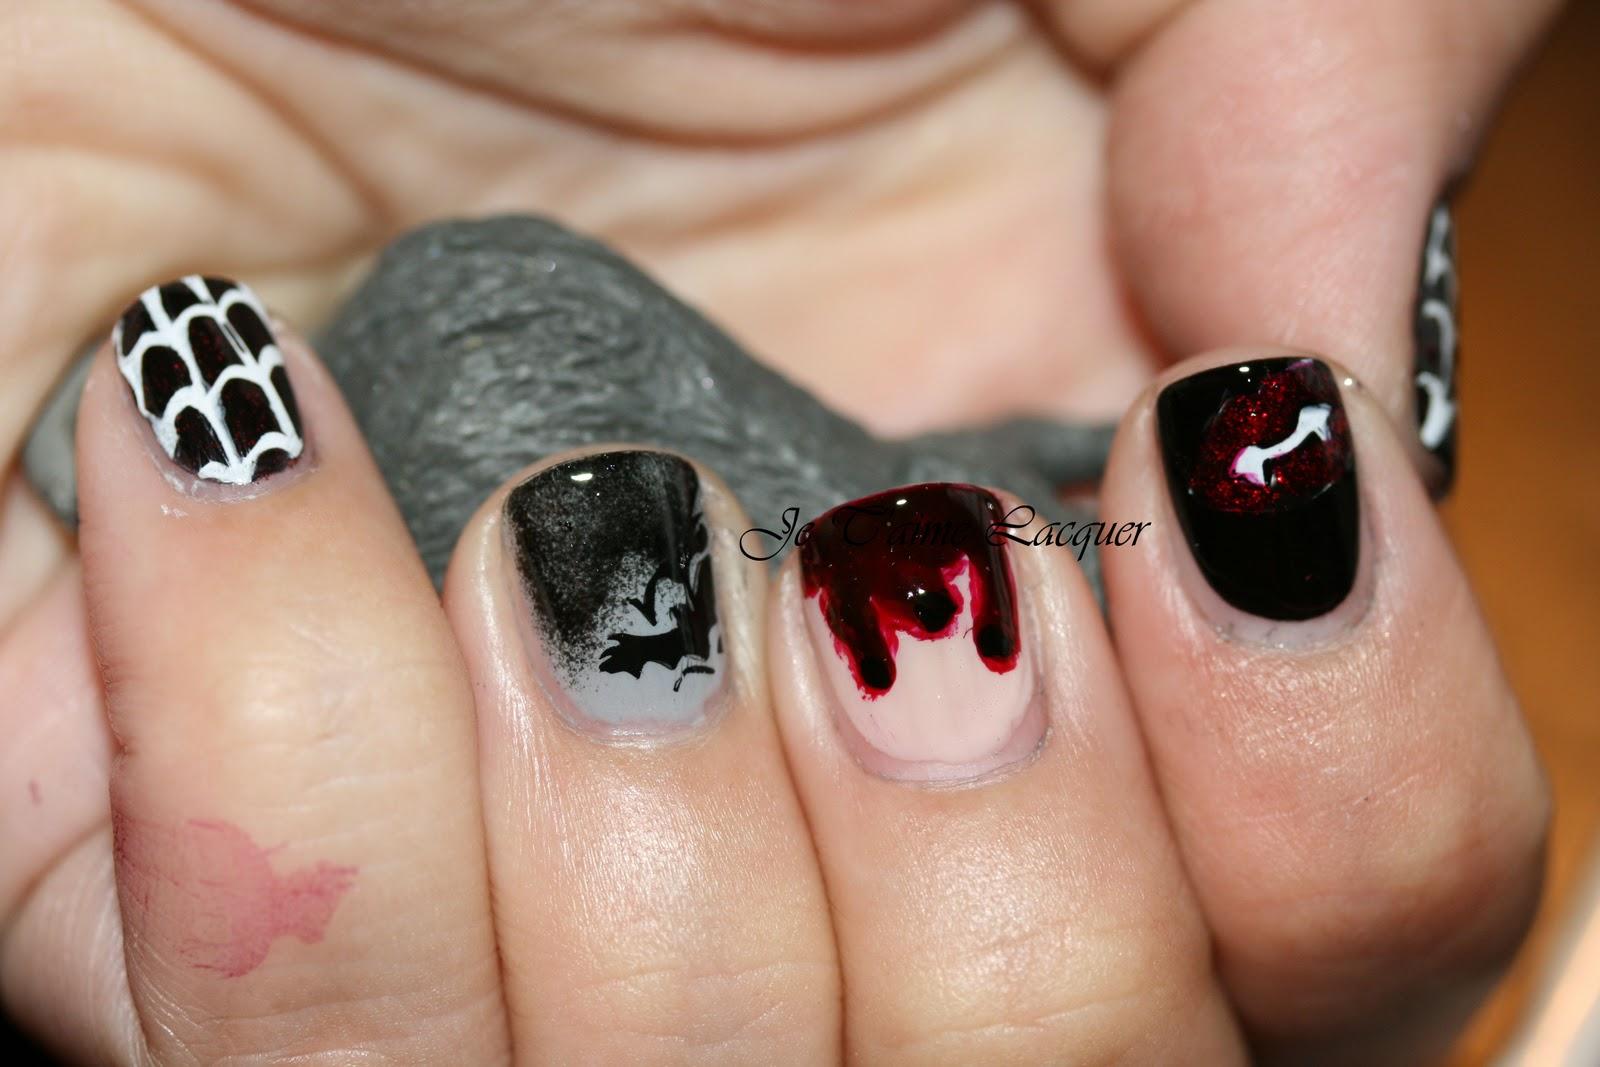 http://3.bp.blogspot.com/--A6c4rZRLi4/Tn39R6EBiII/AAAAAAAAANk/bgJOvNsaEFI/s1600/Dracula%2BNails1%2Bcopy.jpg